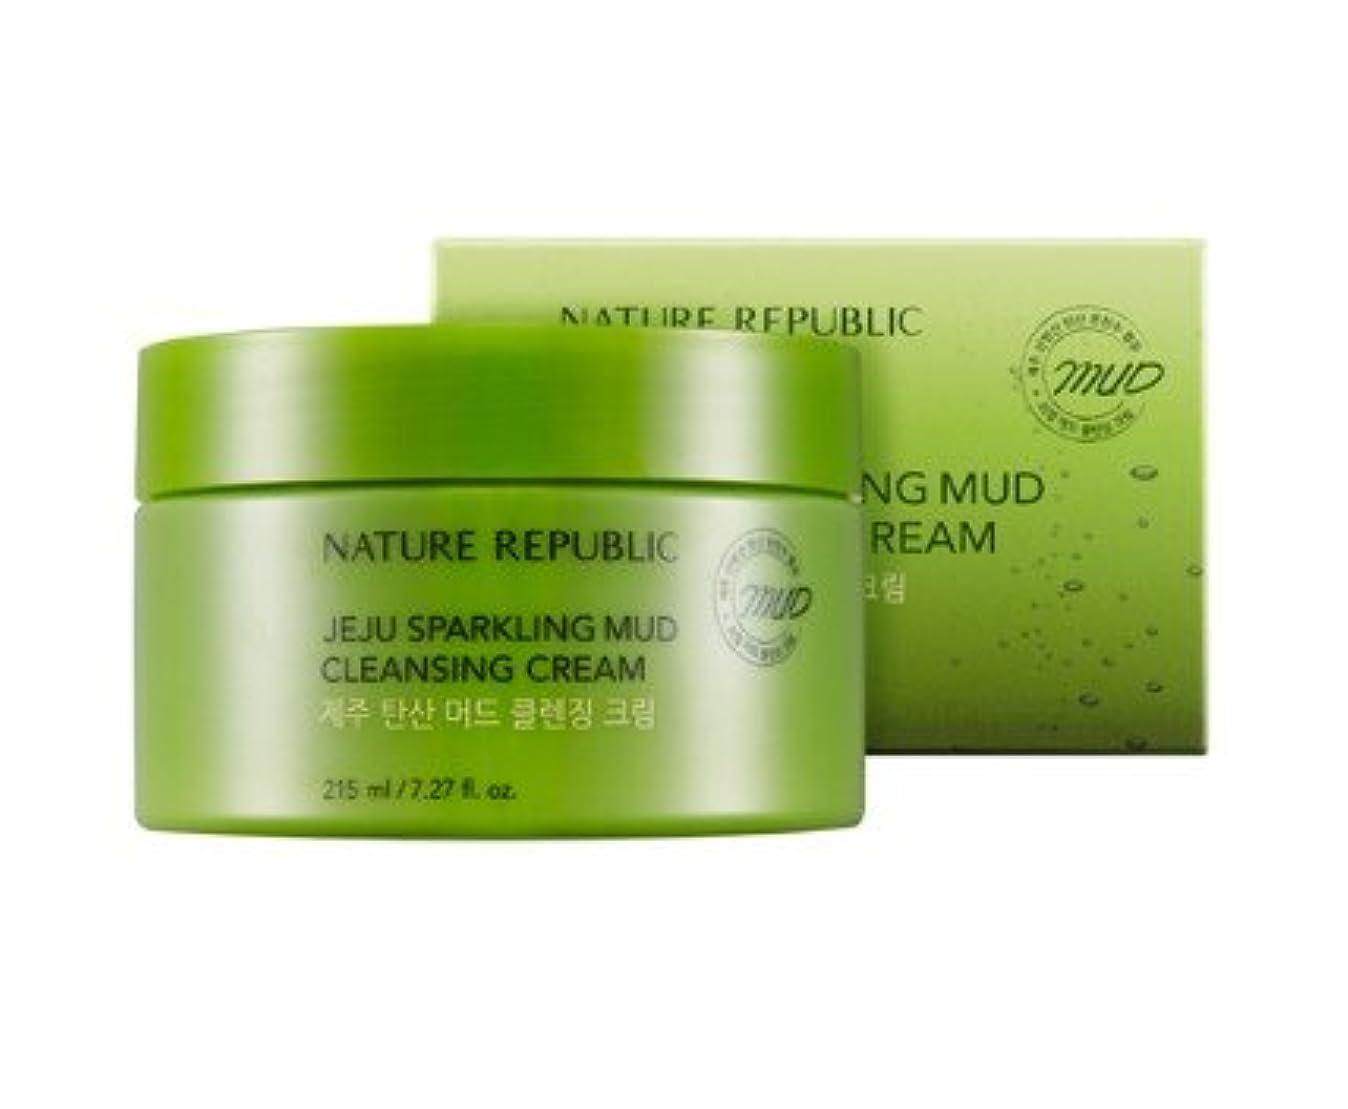 かろうじて咽頭農学Nature republic Jeju Sparkling Mud Cleansing Cream ネイチャーリパブリック チェジュ炭酸マッド クレンジングクリーム 215ML [並行輸入品]